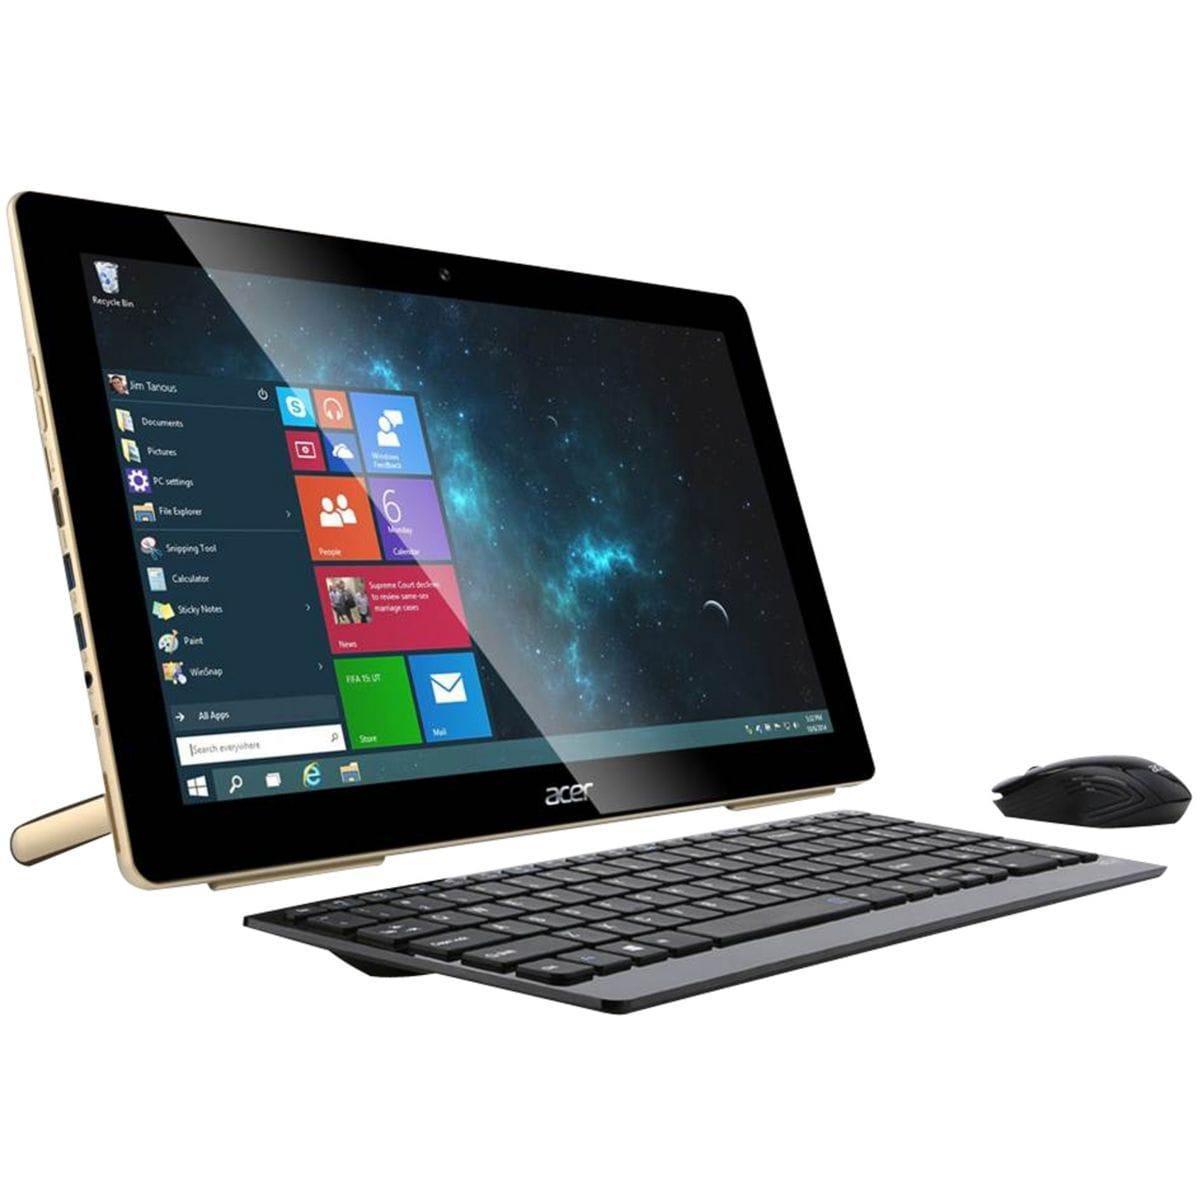 Acer Aspire Z3 - Pentium N3700 1,6 GHz - HDD + SSD 1056 Go - RAM 4 Go